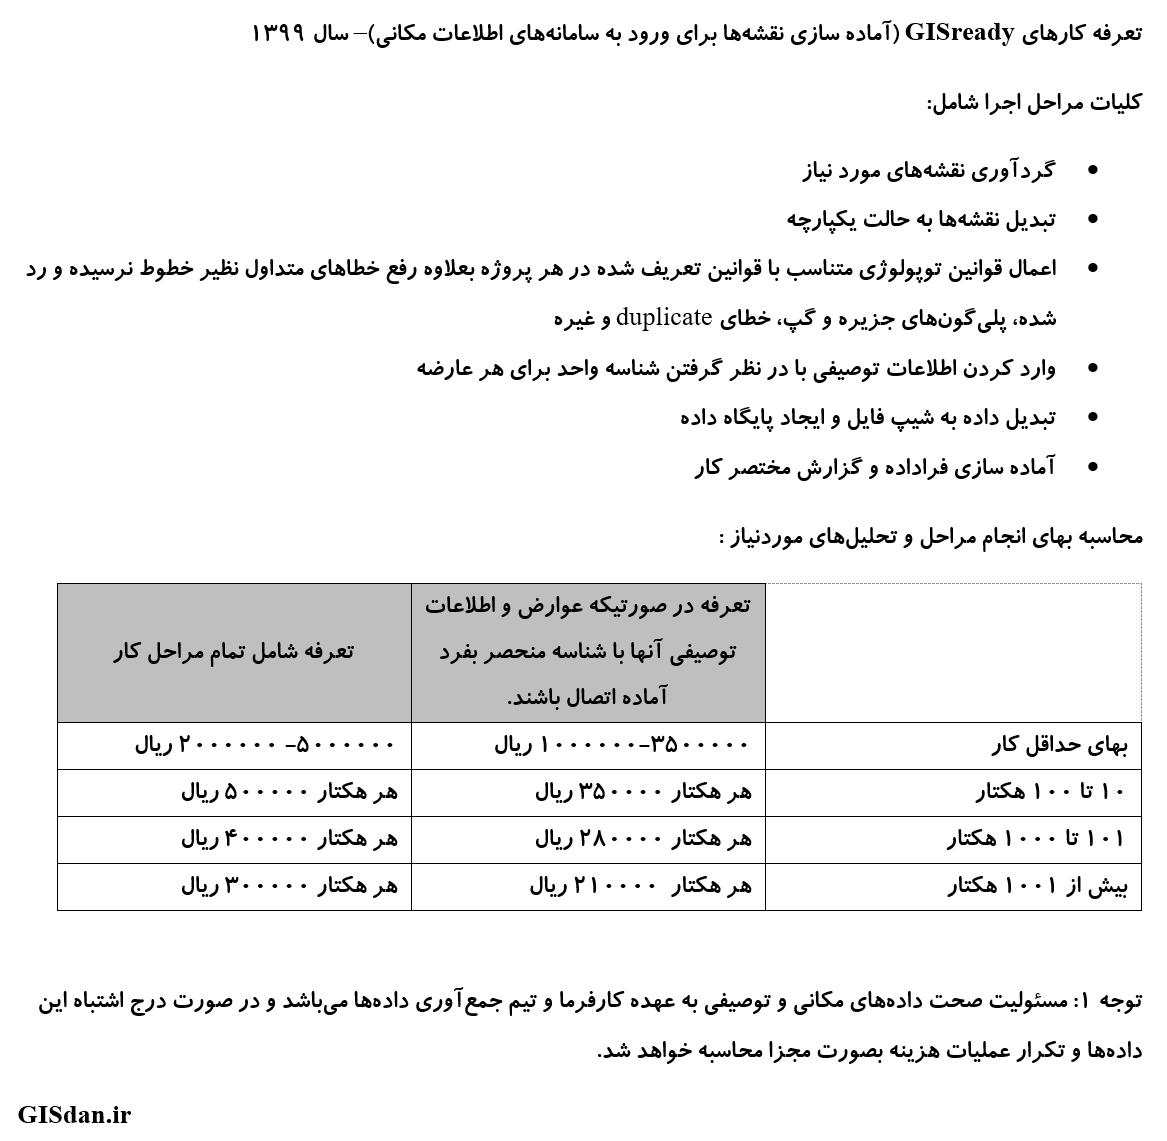 جدول تعرفه انجام پروژه های GIS ready سال ۹۹